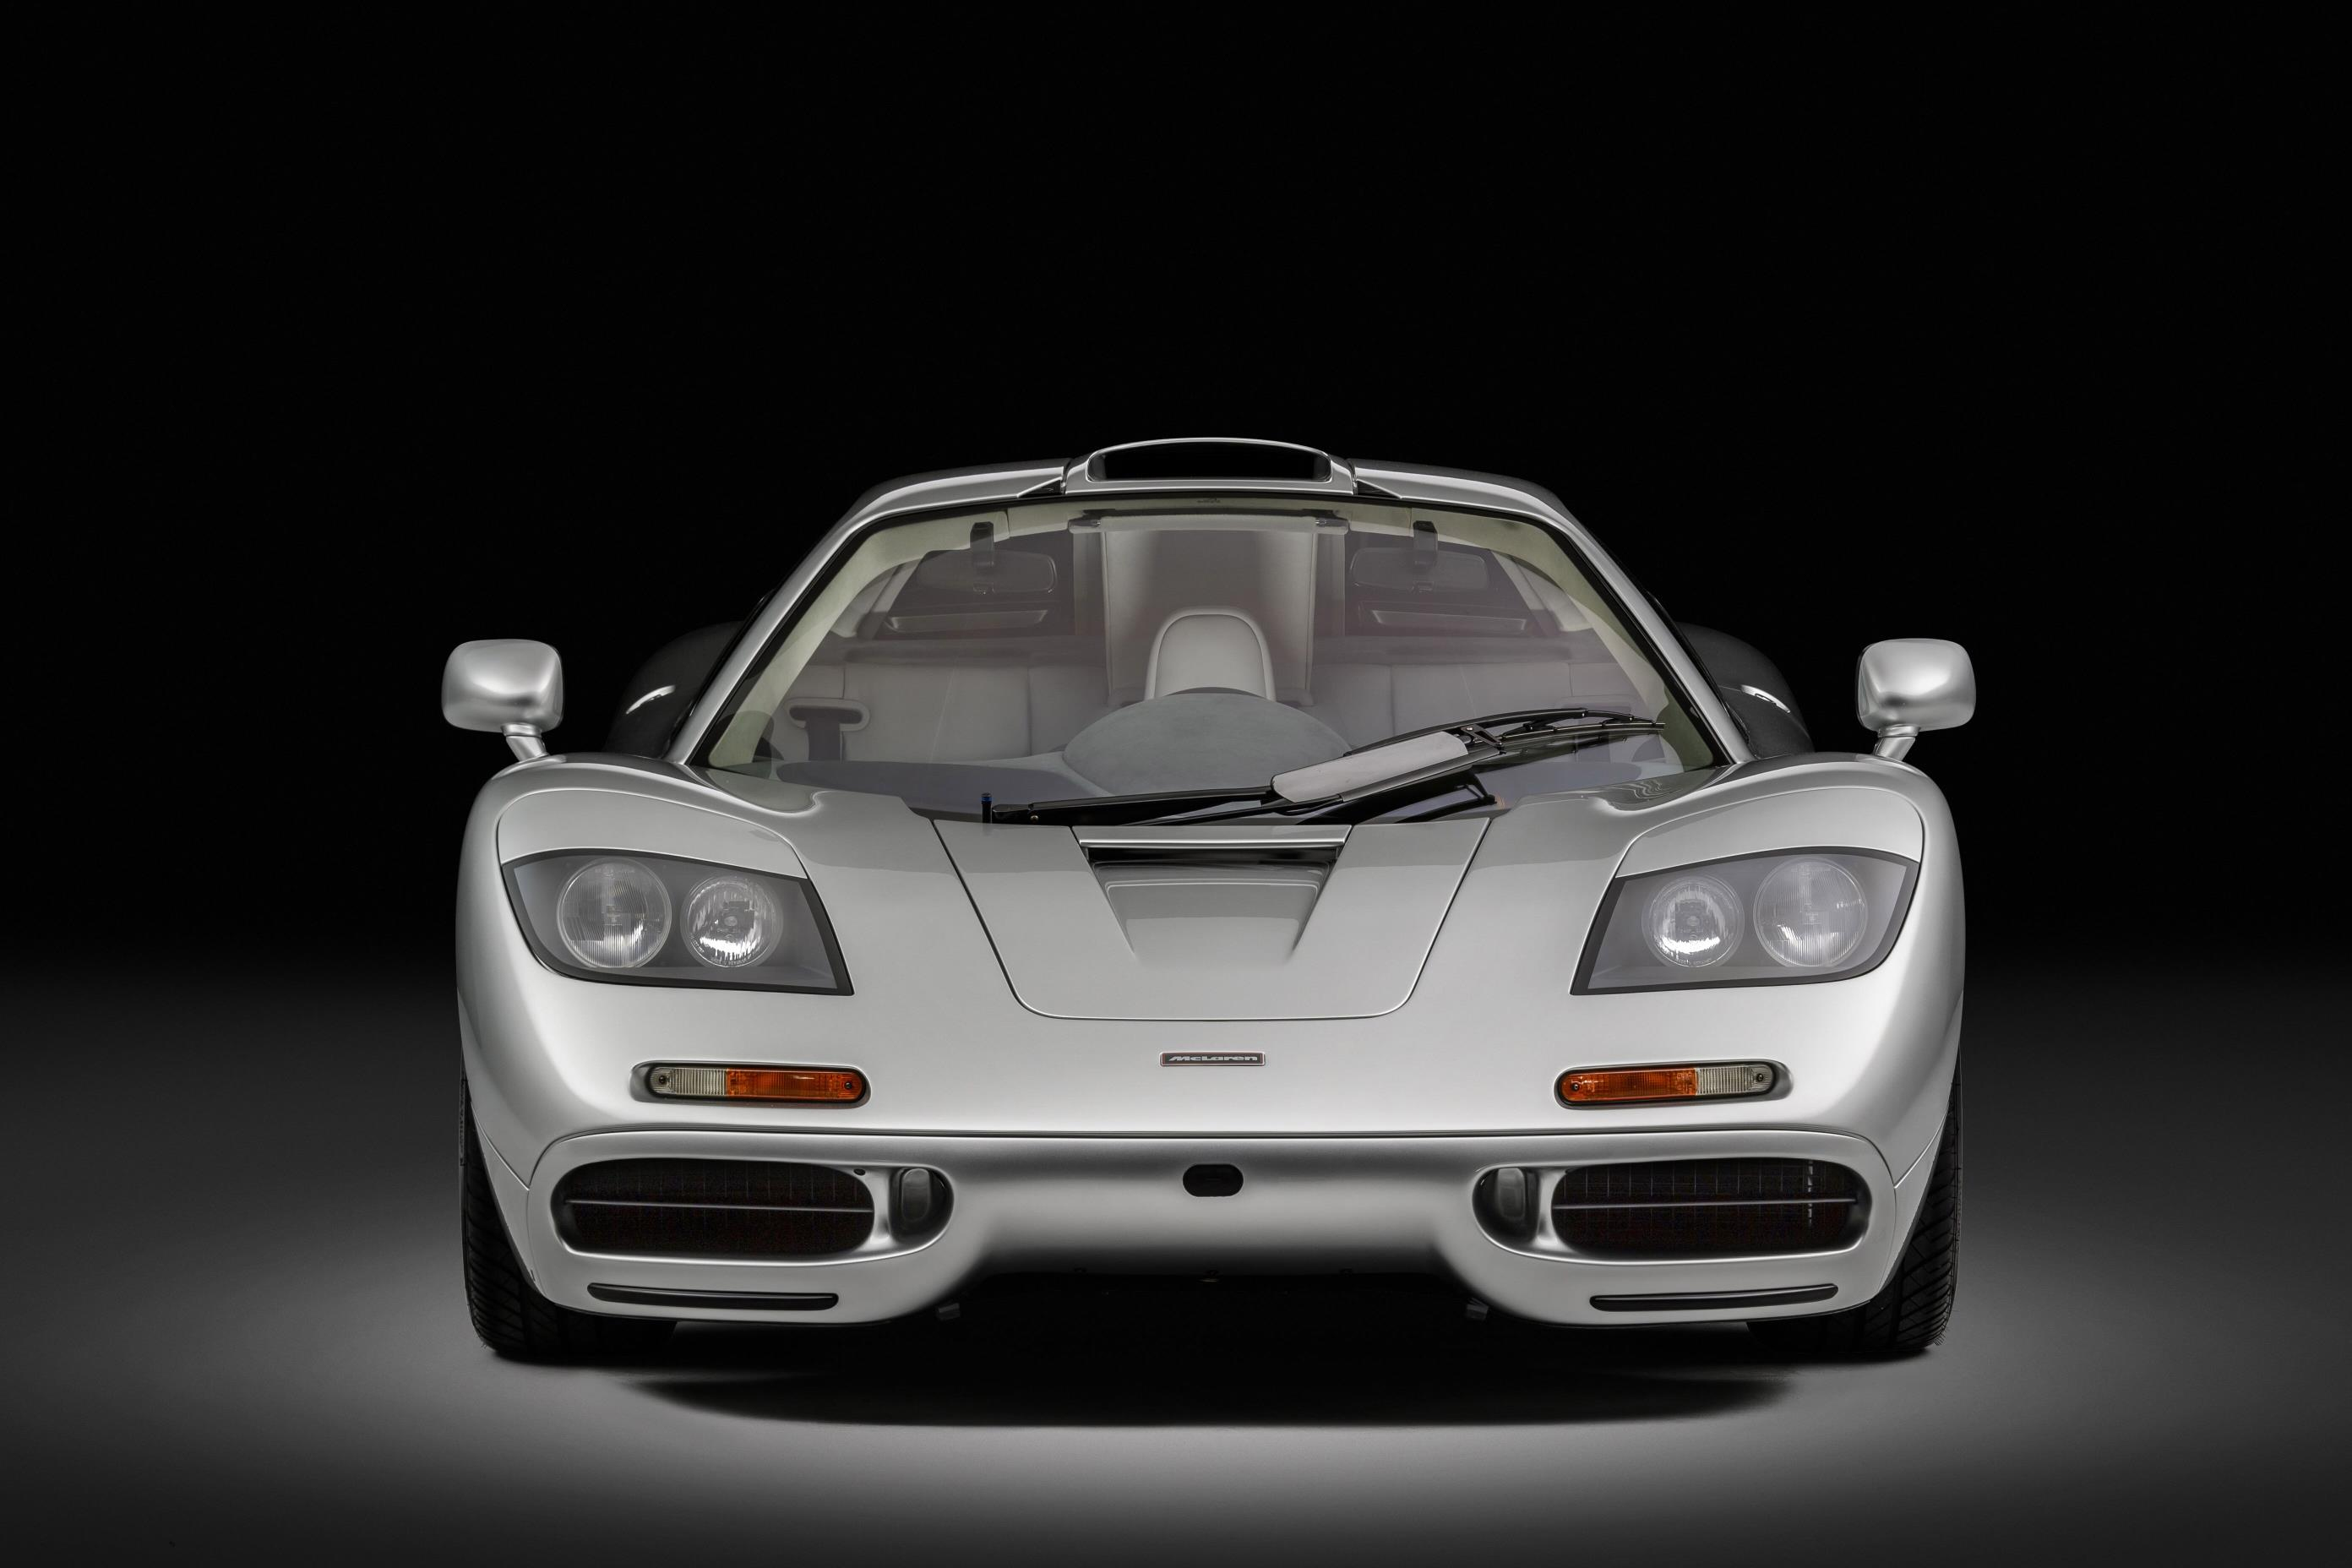 McLaren F1 Front